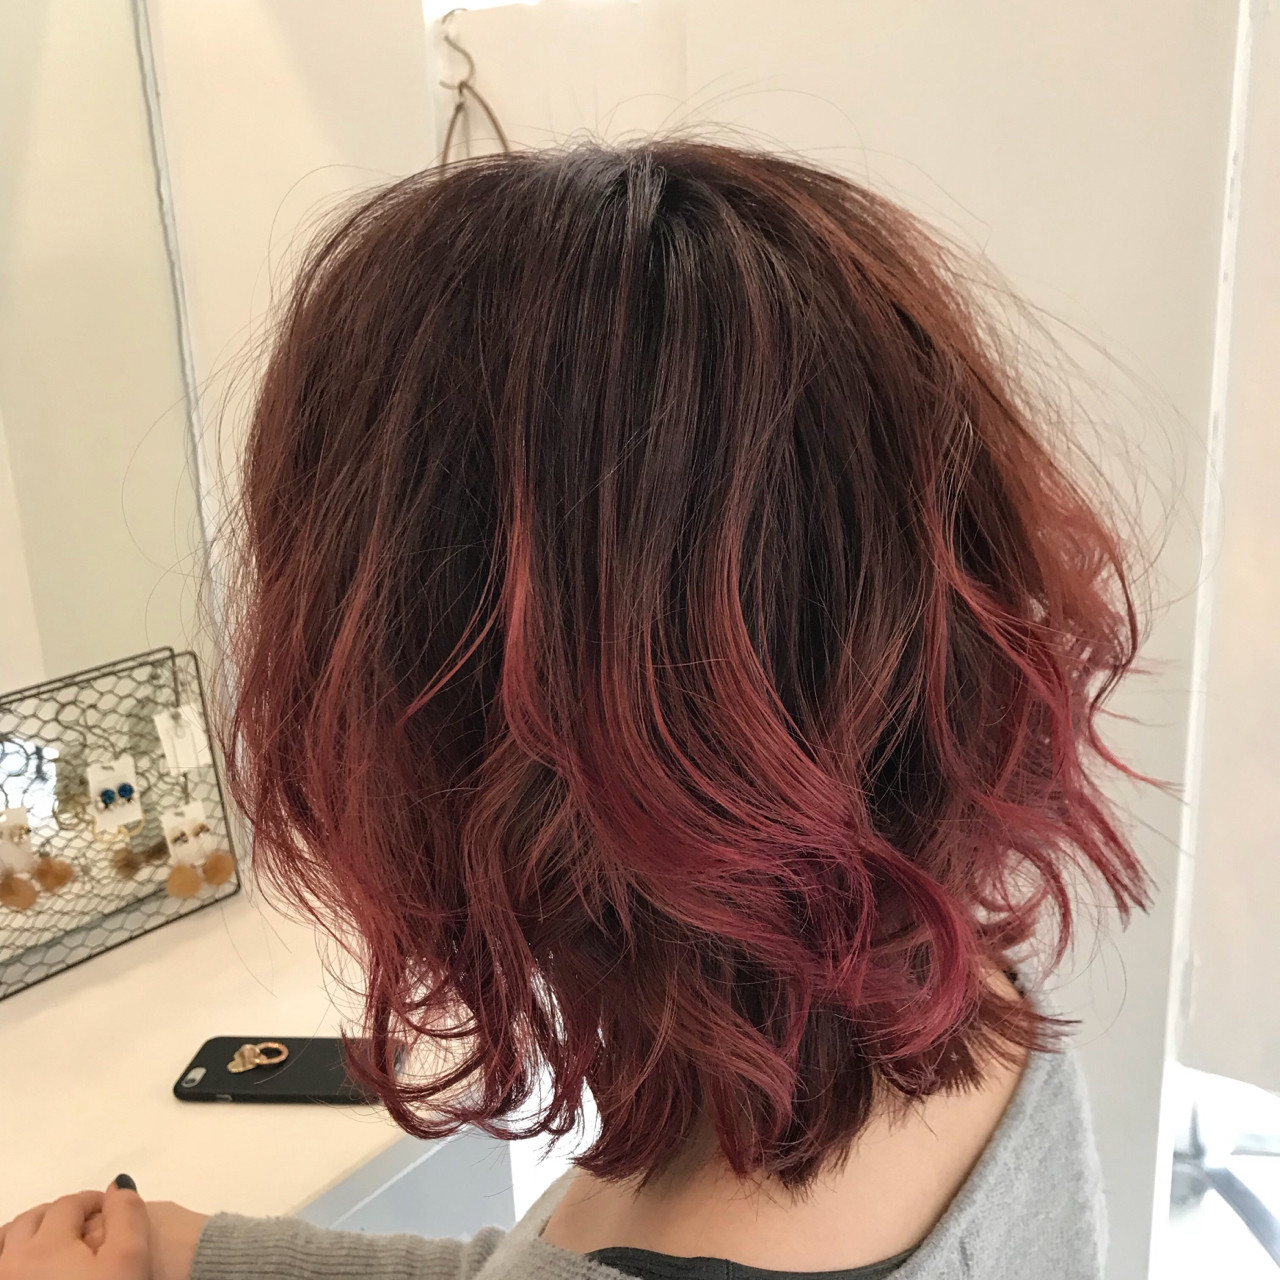 ボブ ストリート ピンク グラデーションカラー ヘアスタイルや髪型の写真・画像 | タカギツカサ / BECCO